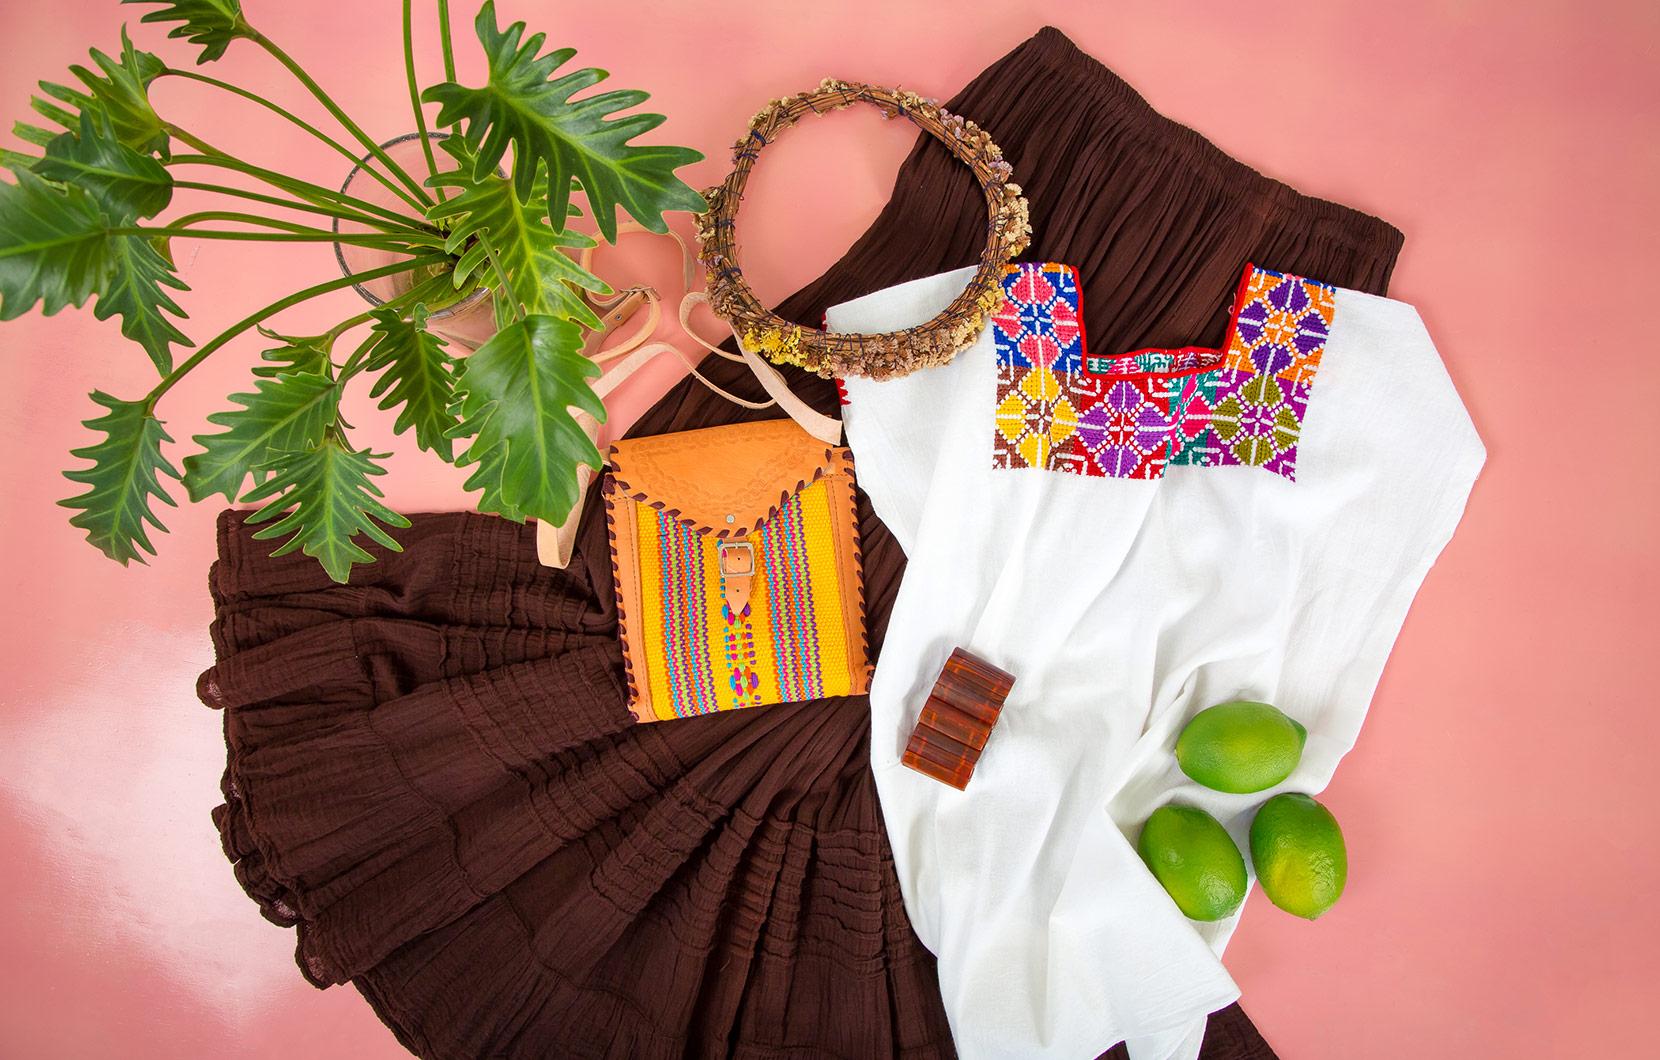 Los bordados mexicanos son conocidos por sus tonos vibrantes y sus tentadores patrones.